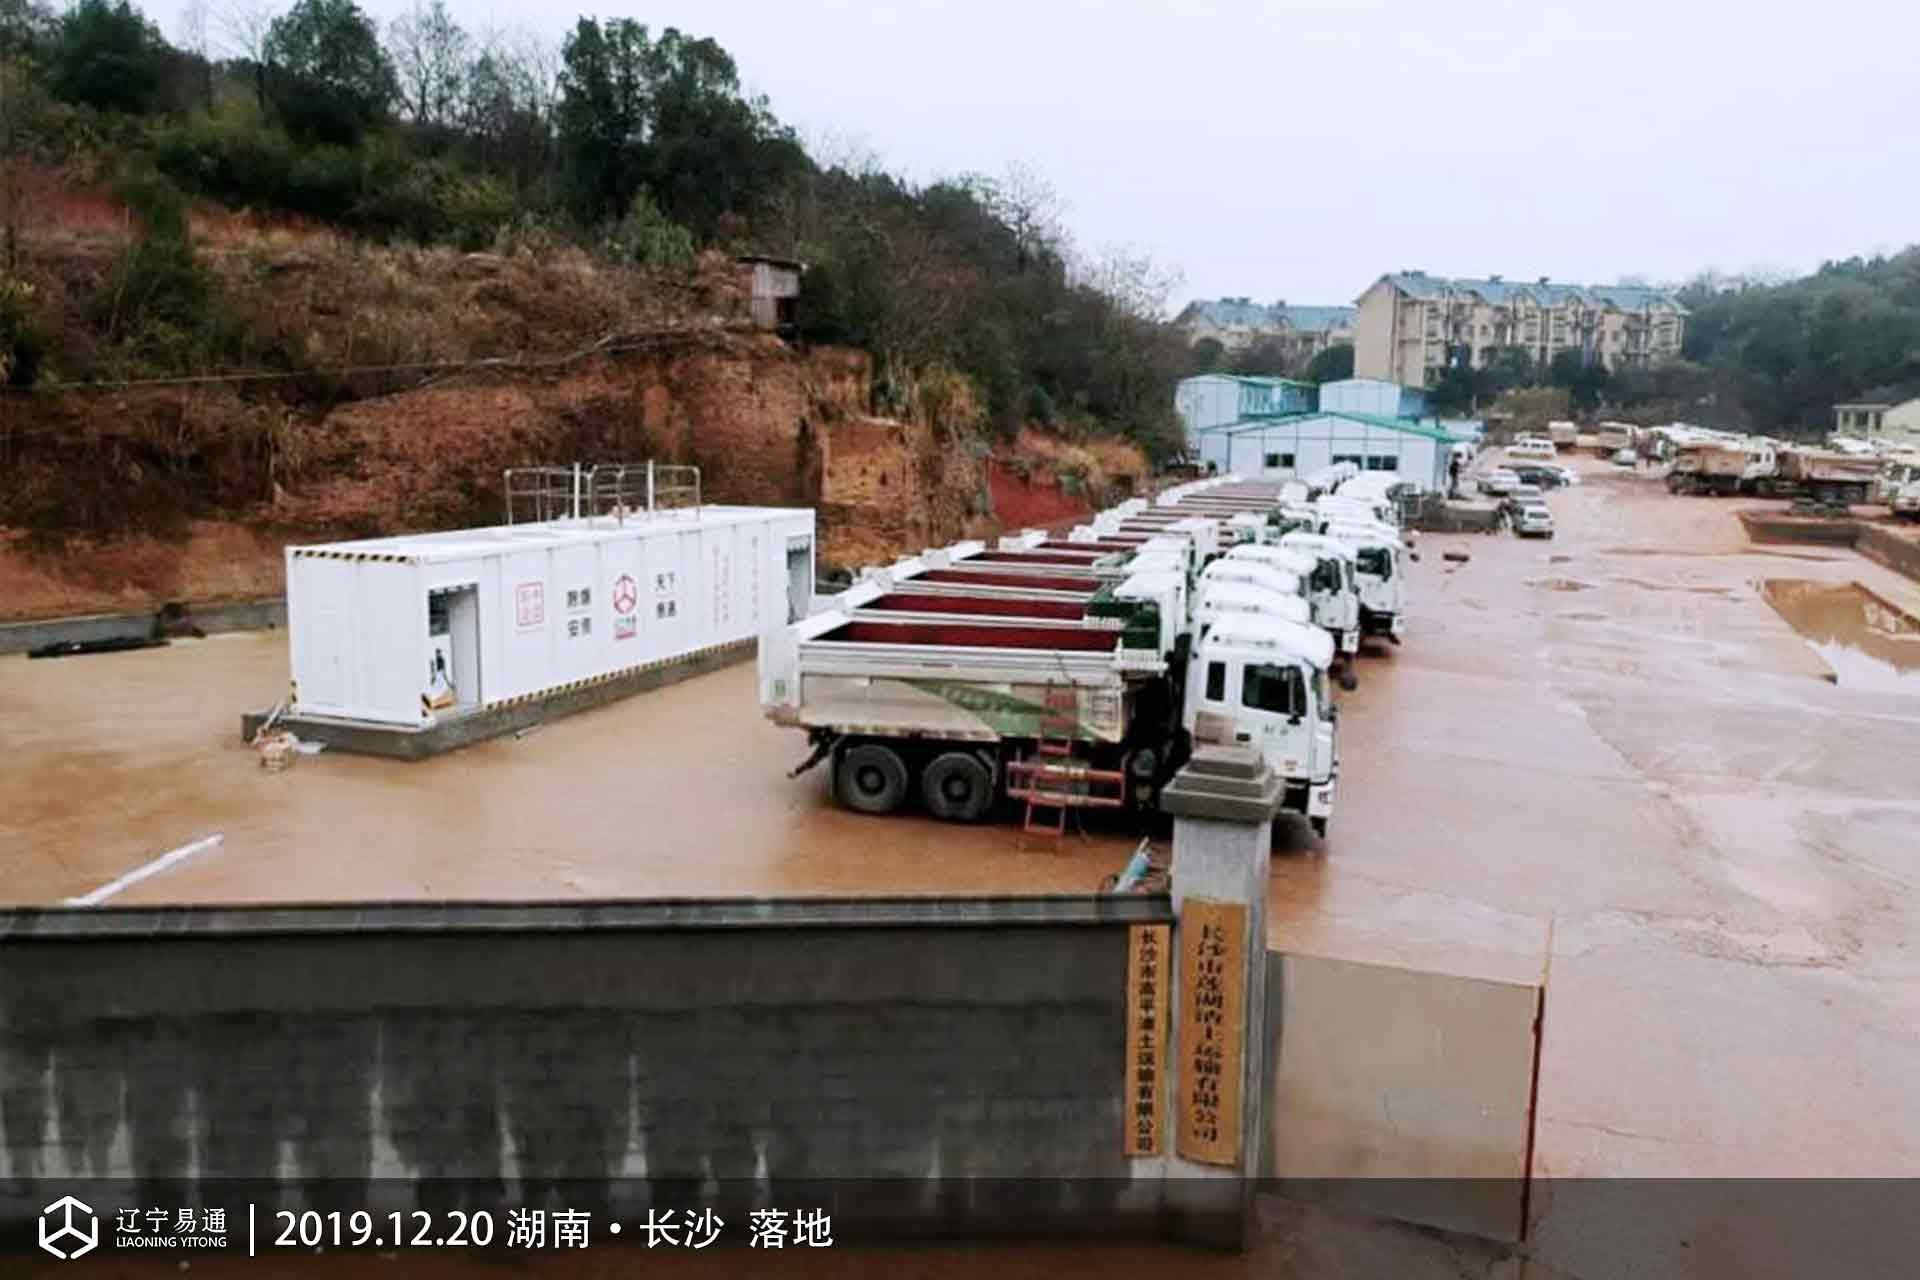 2019年12月20日 湖南长沙安装了易通撬装manbetx万博装置